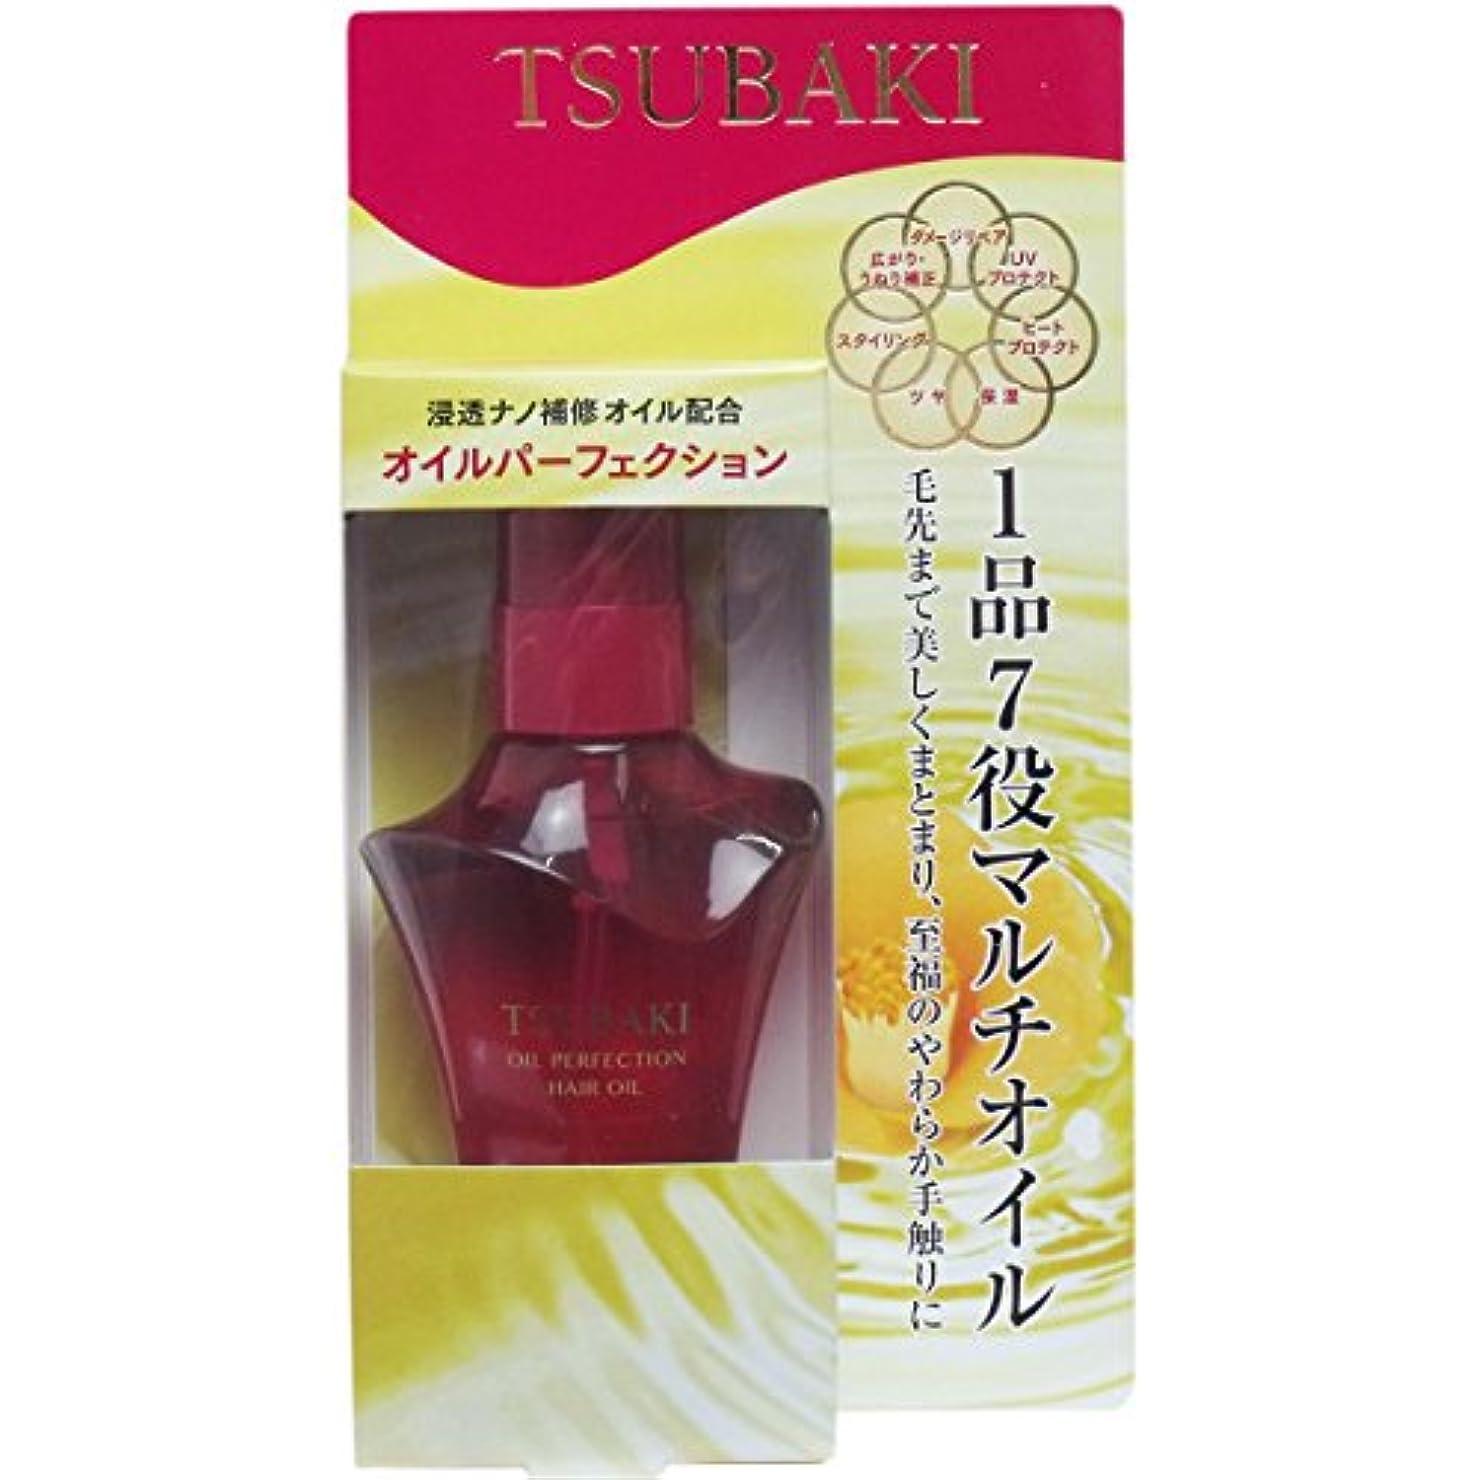 【まとめ買い】TSUBAKI オイルパーフェクション ヘアトリートメント 50ml×6個